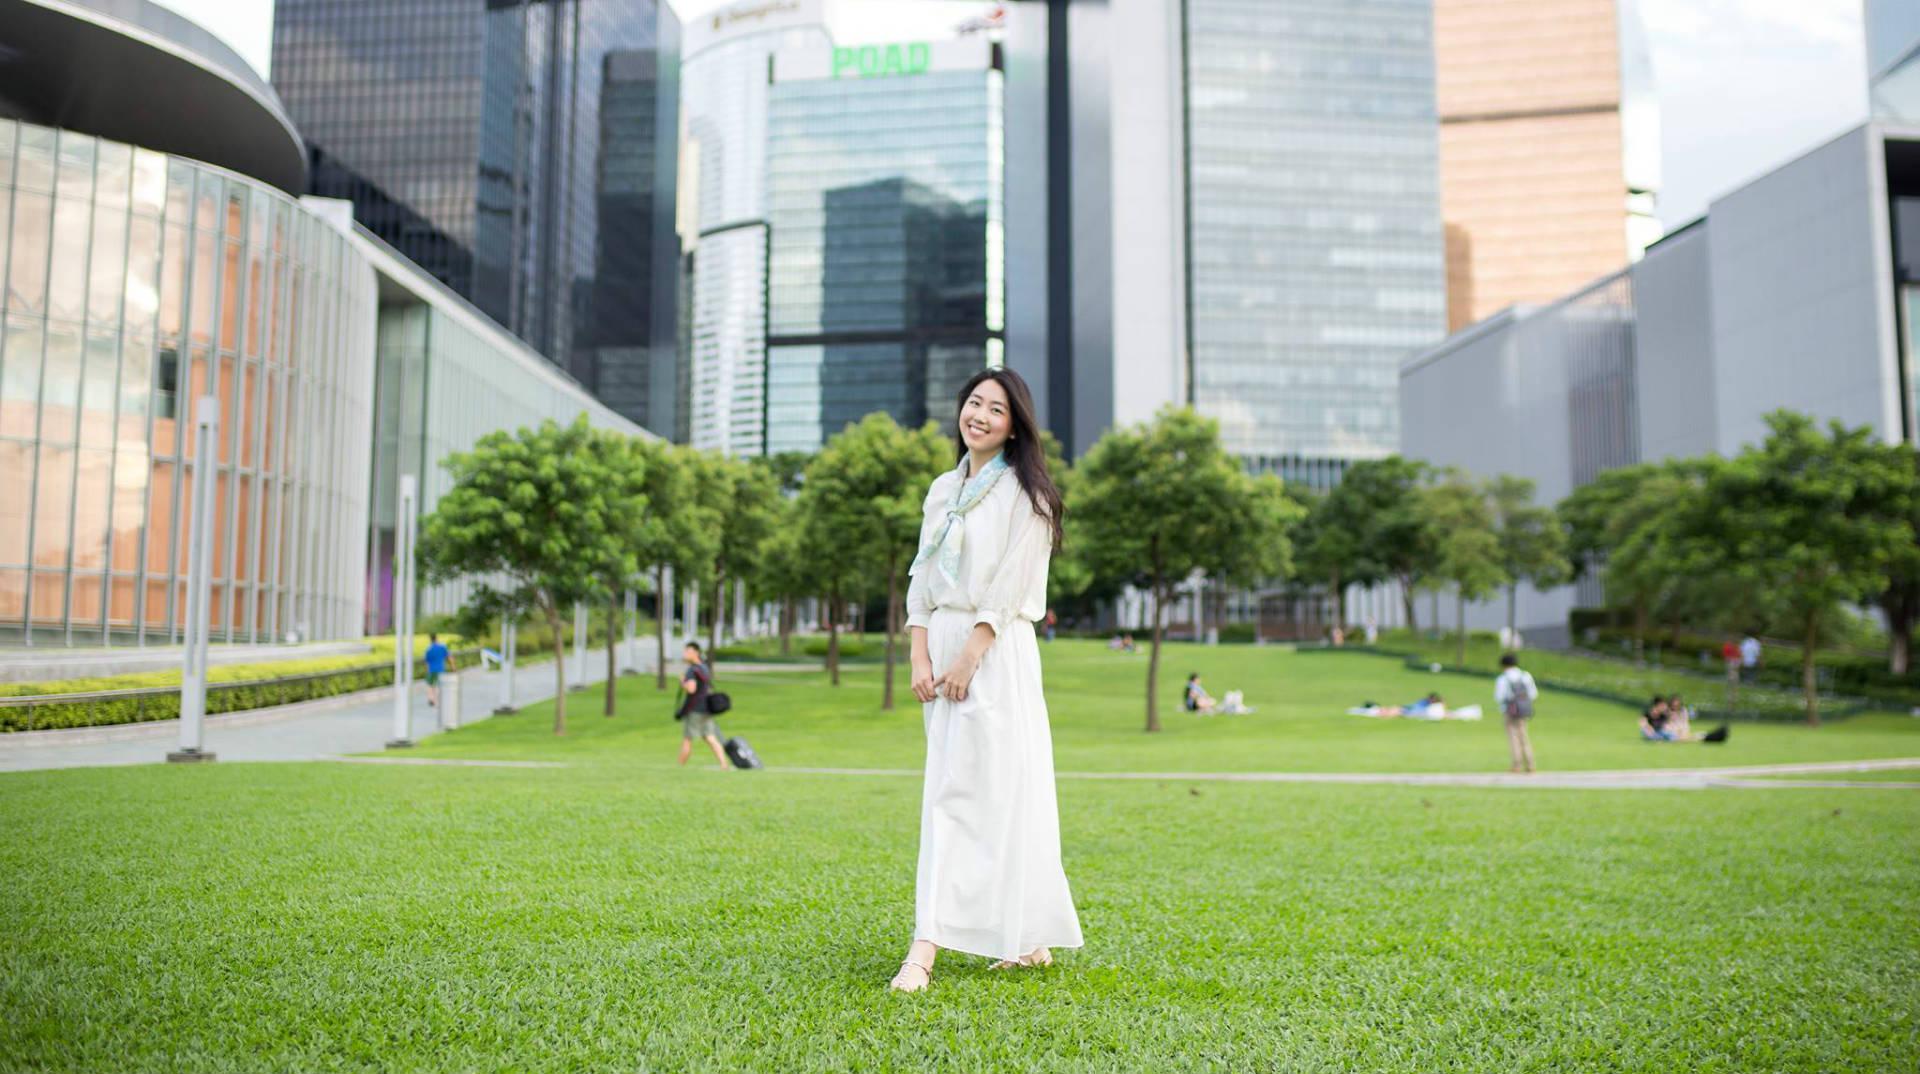 新世代人才,勇敢展現「捨我其誰」的 Ownership – Facebook 大中華區中小企業業務總監 Christina